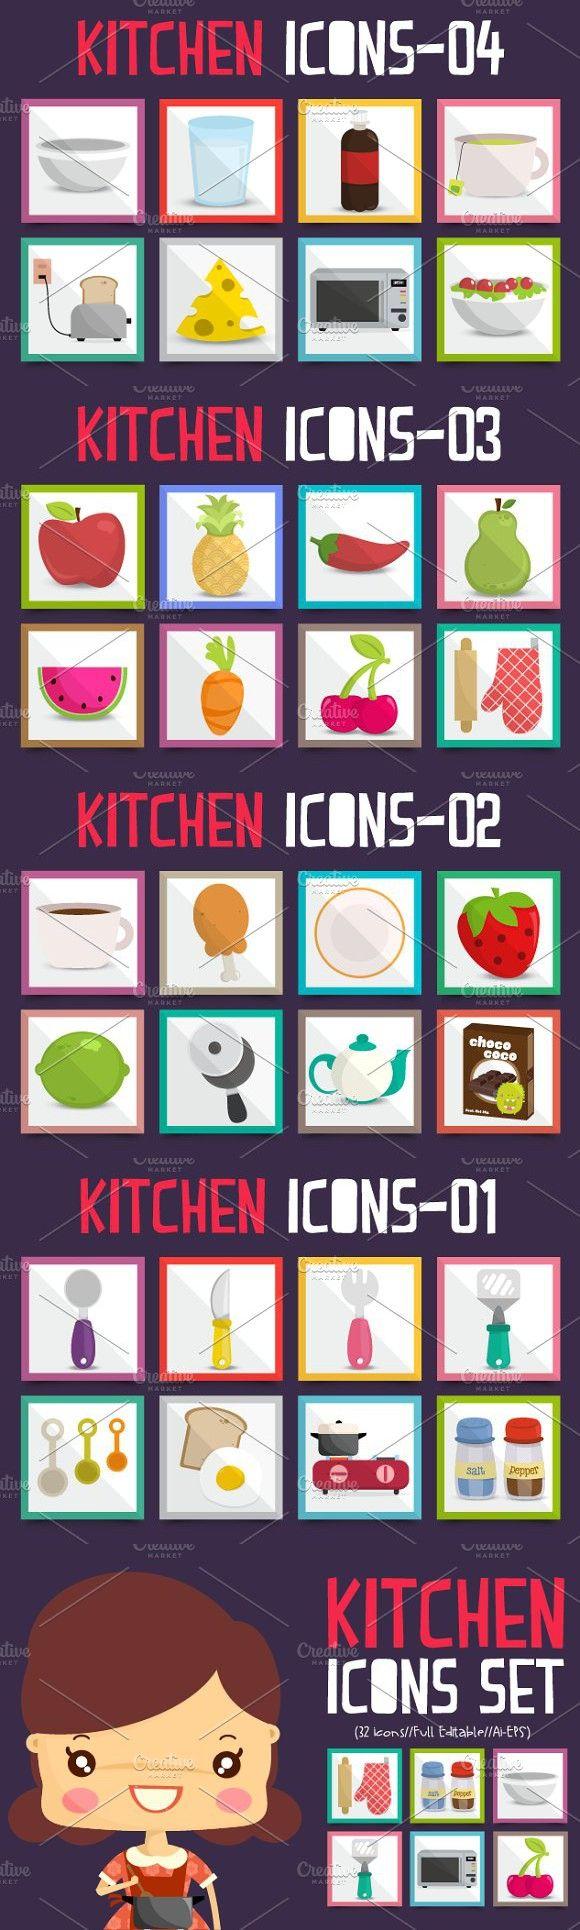 Kitchen Icons Set #icons #kitchen